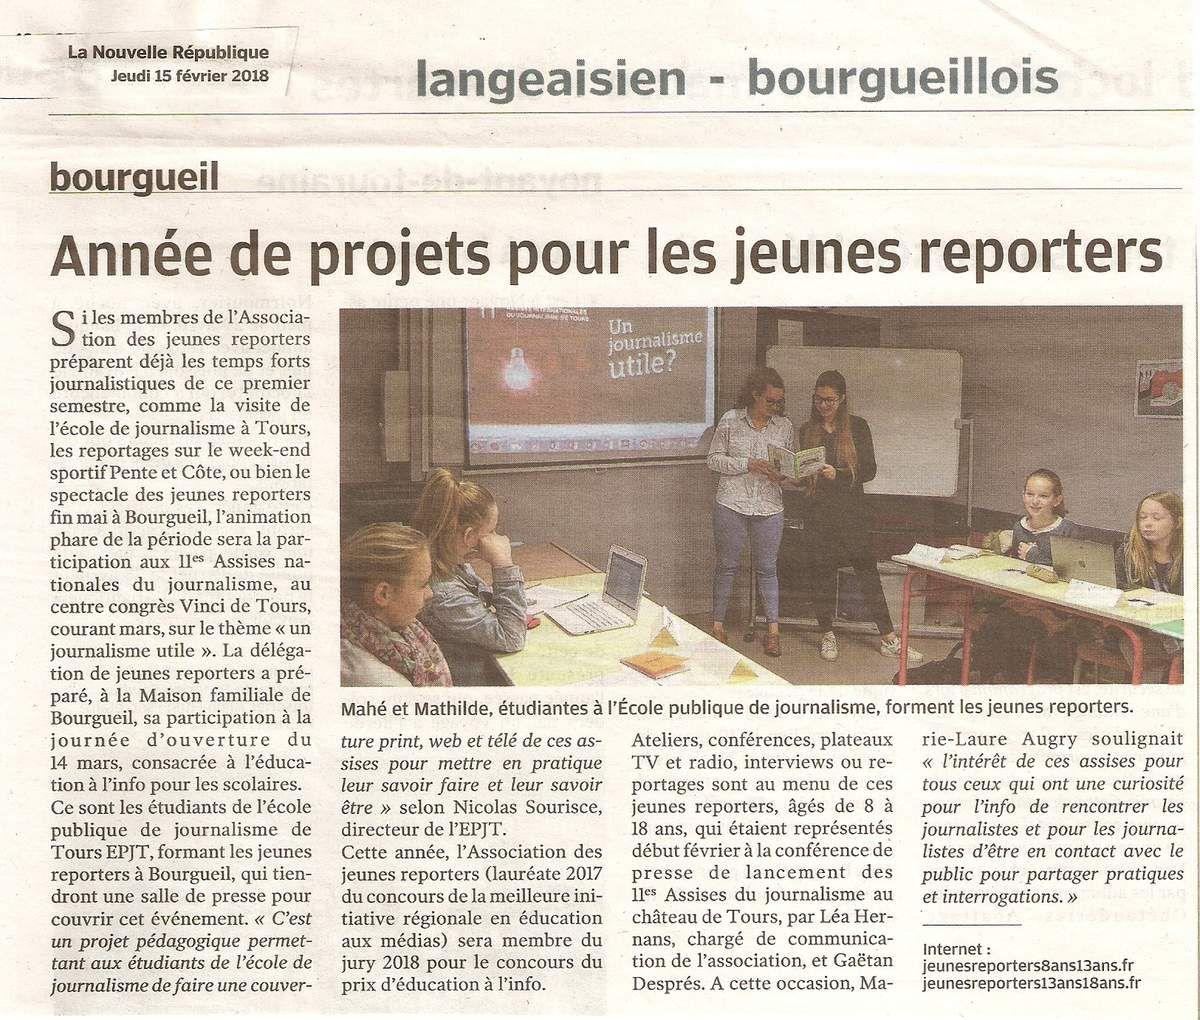 crédit photo Quotidien régional Nouvelle République